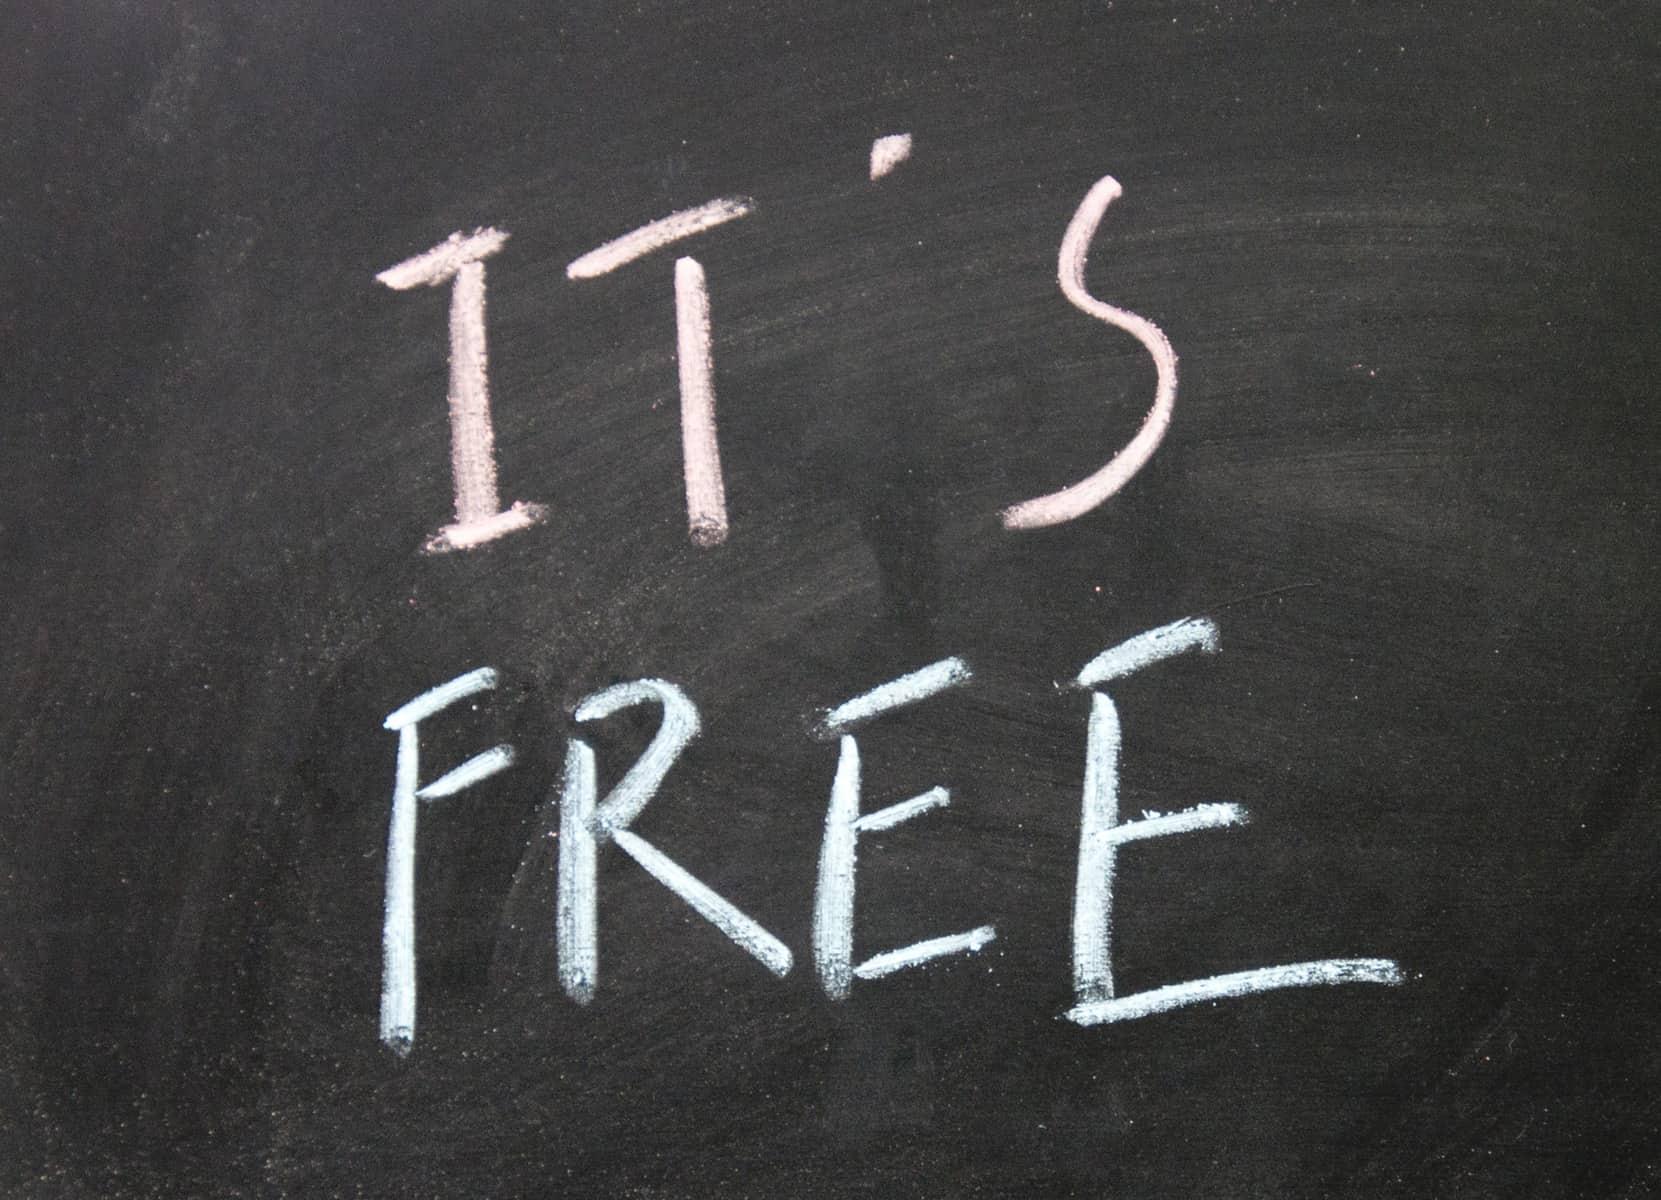 IT'S FREE written on black chalkboard